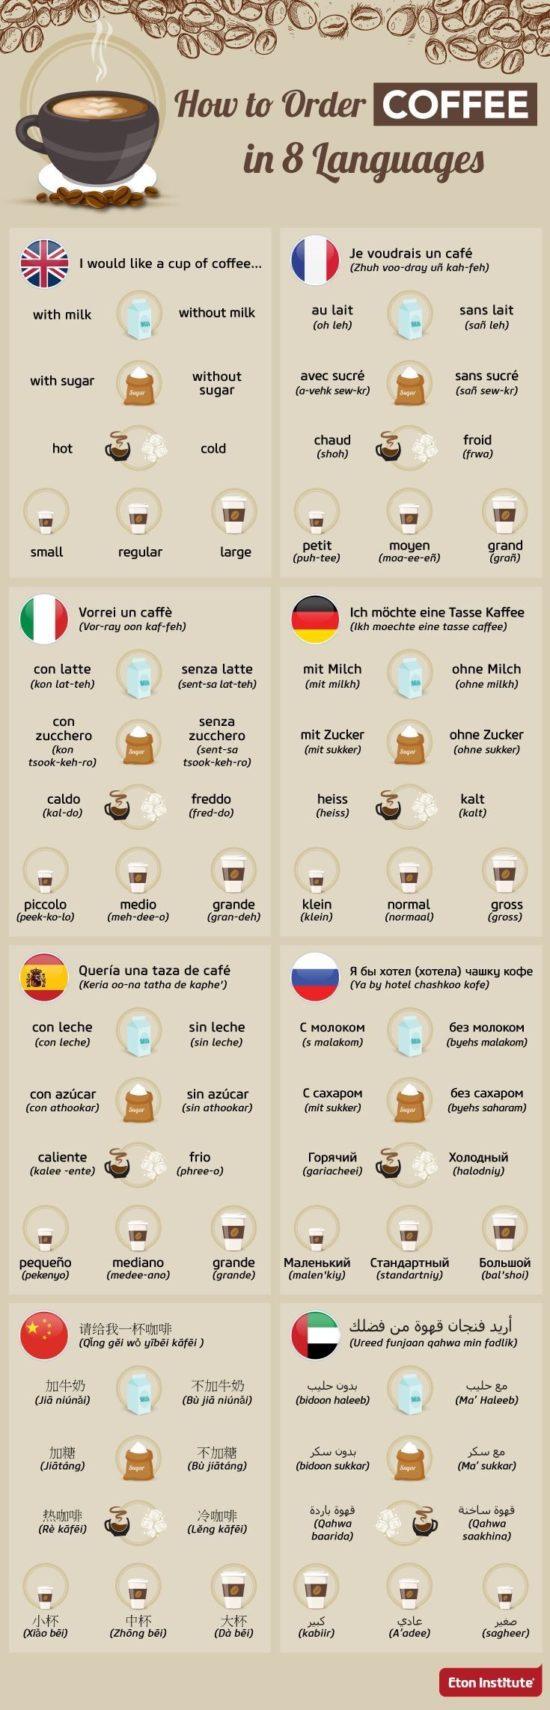 Objednejte si kávu v cizích jazycích – Infografika